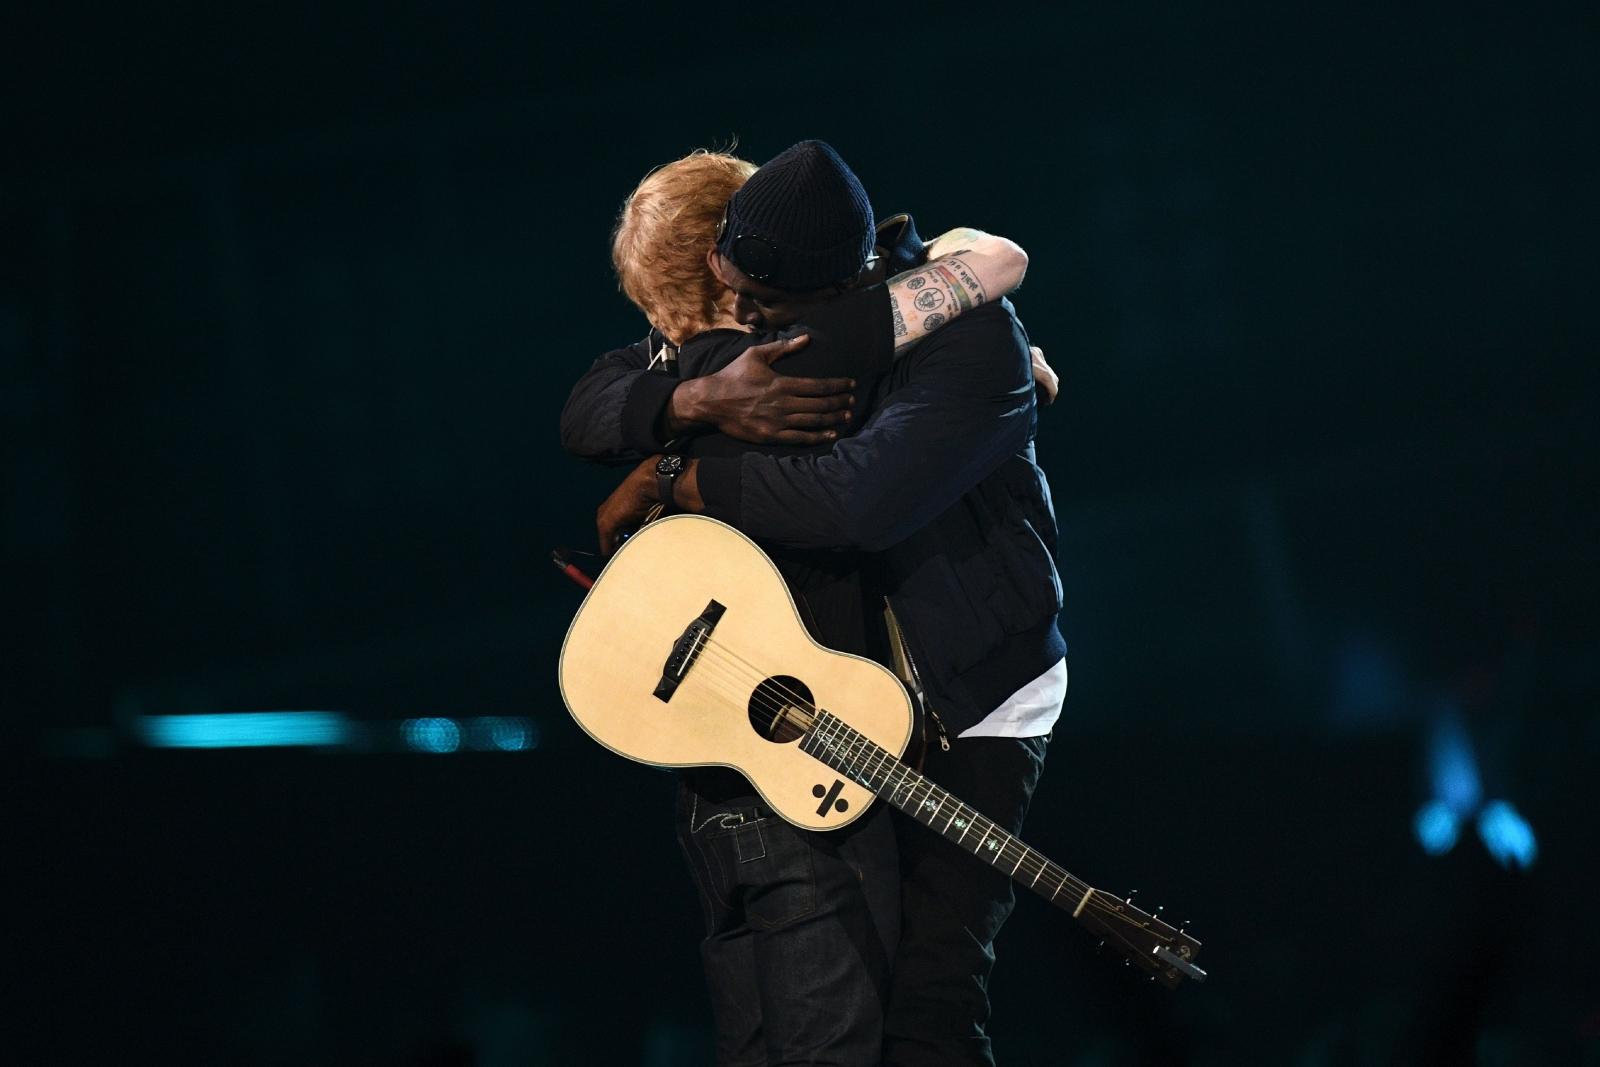 Stormzy and Ed Sheeran